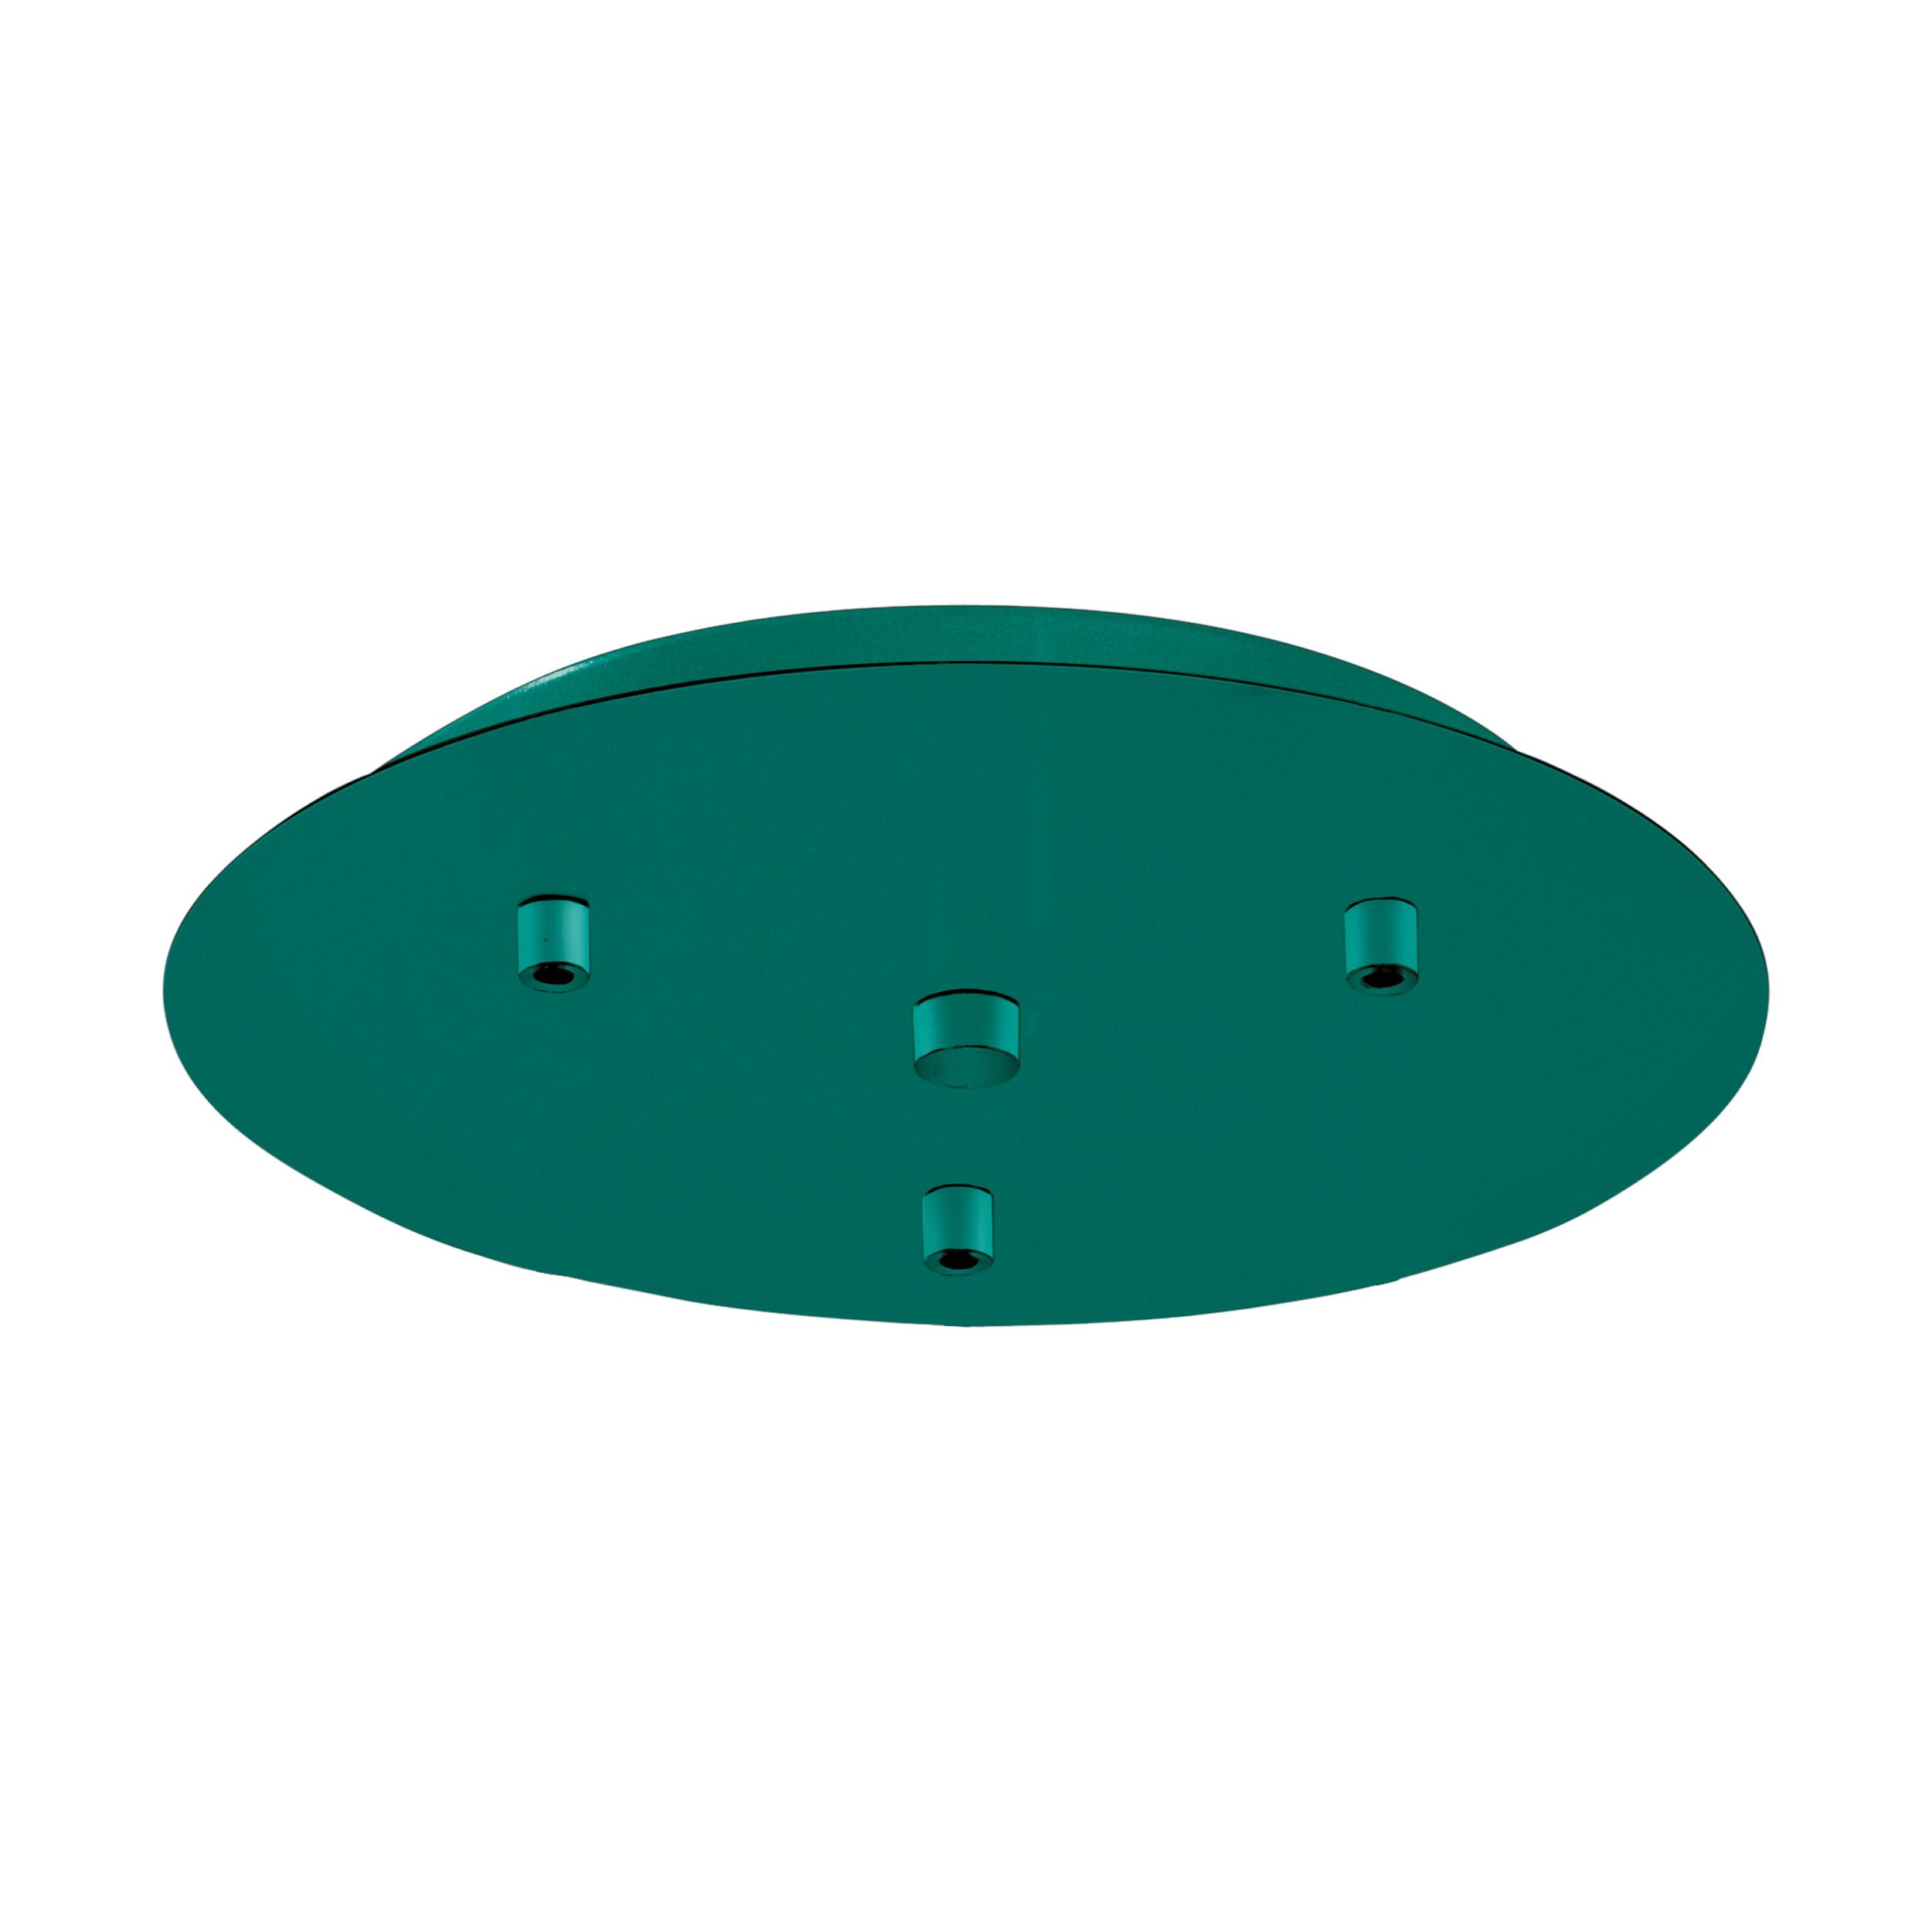 1 Stk Baldachin 3-fach, Aufbau opalgrün (RAL 6026) LI62771---